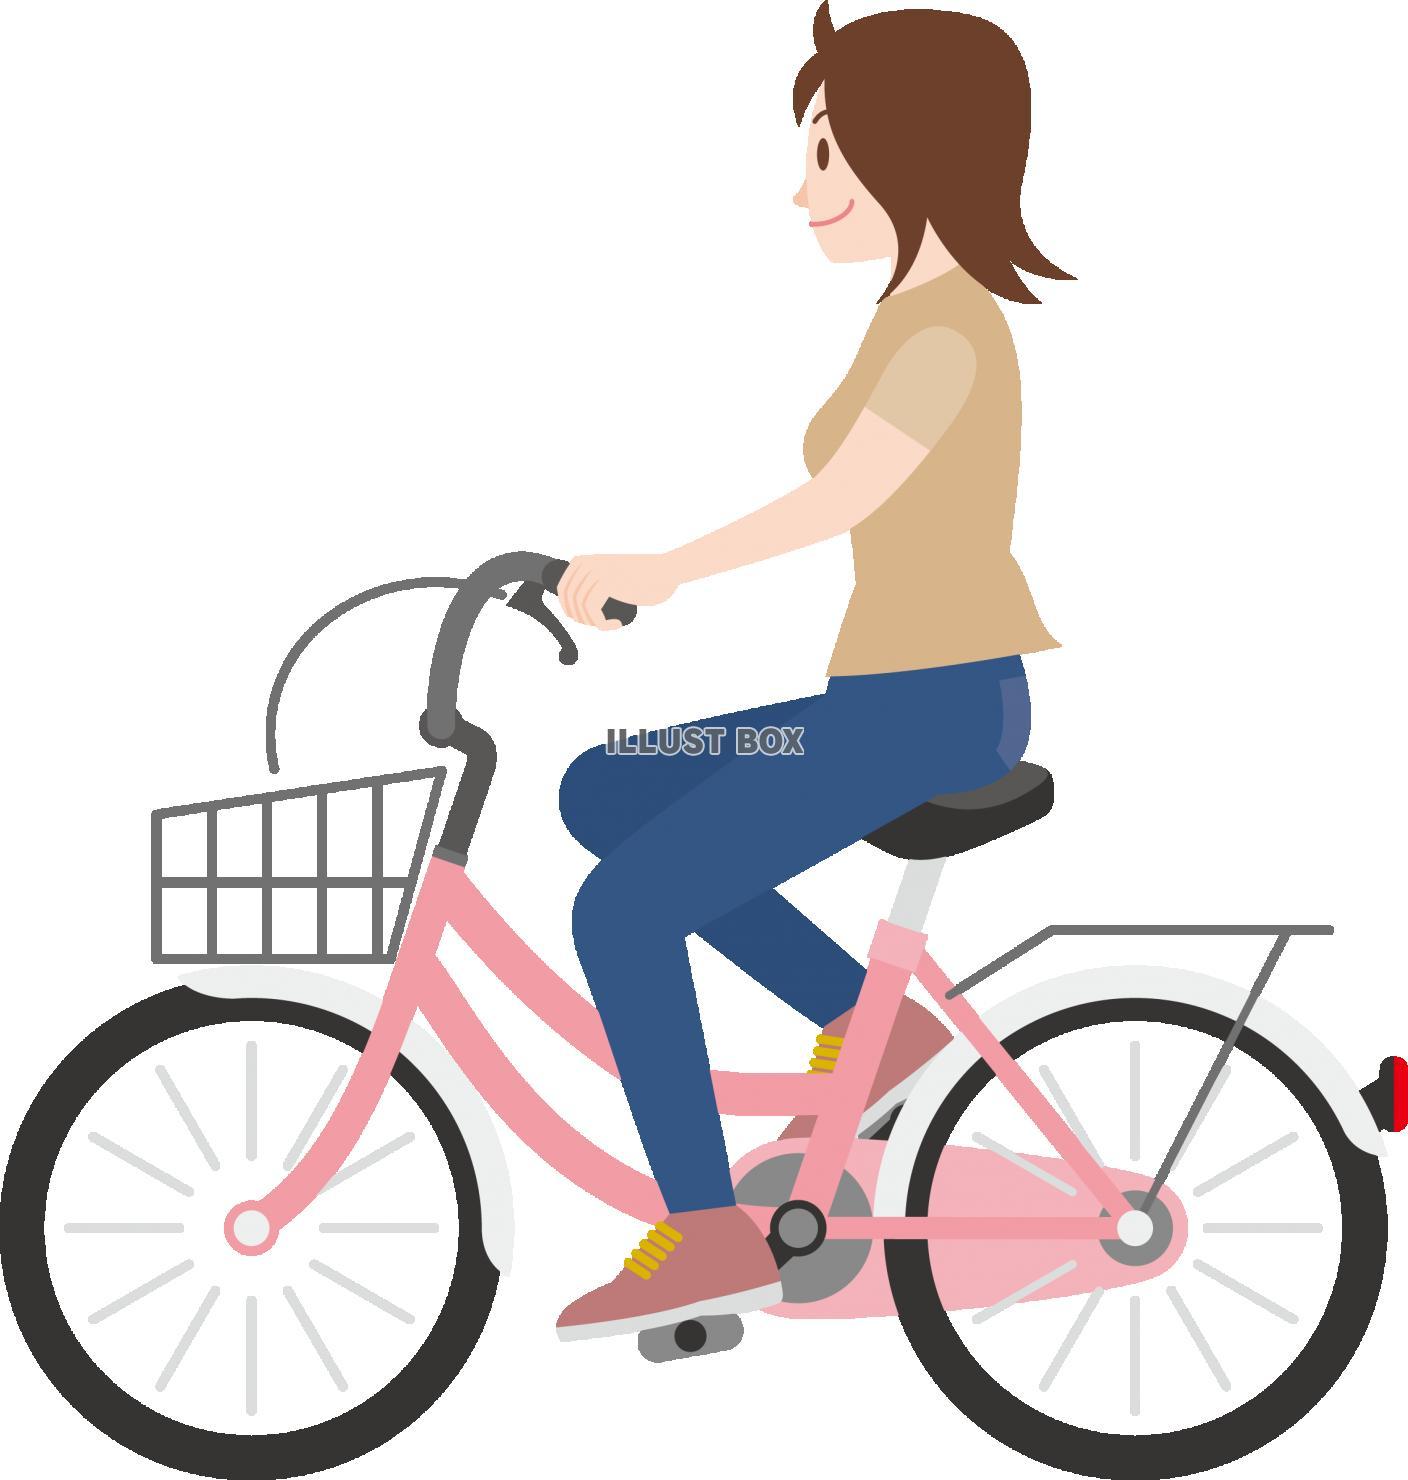 イラスト 無料 自転車 | 7331 イラス